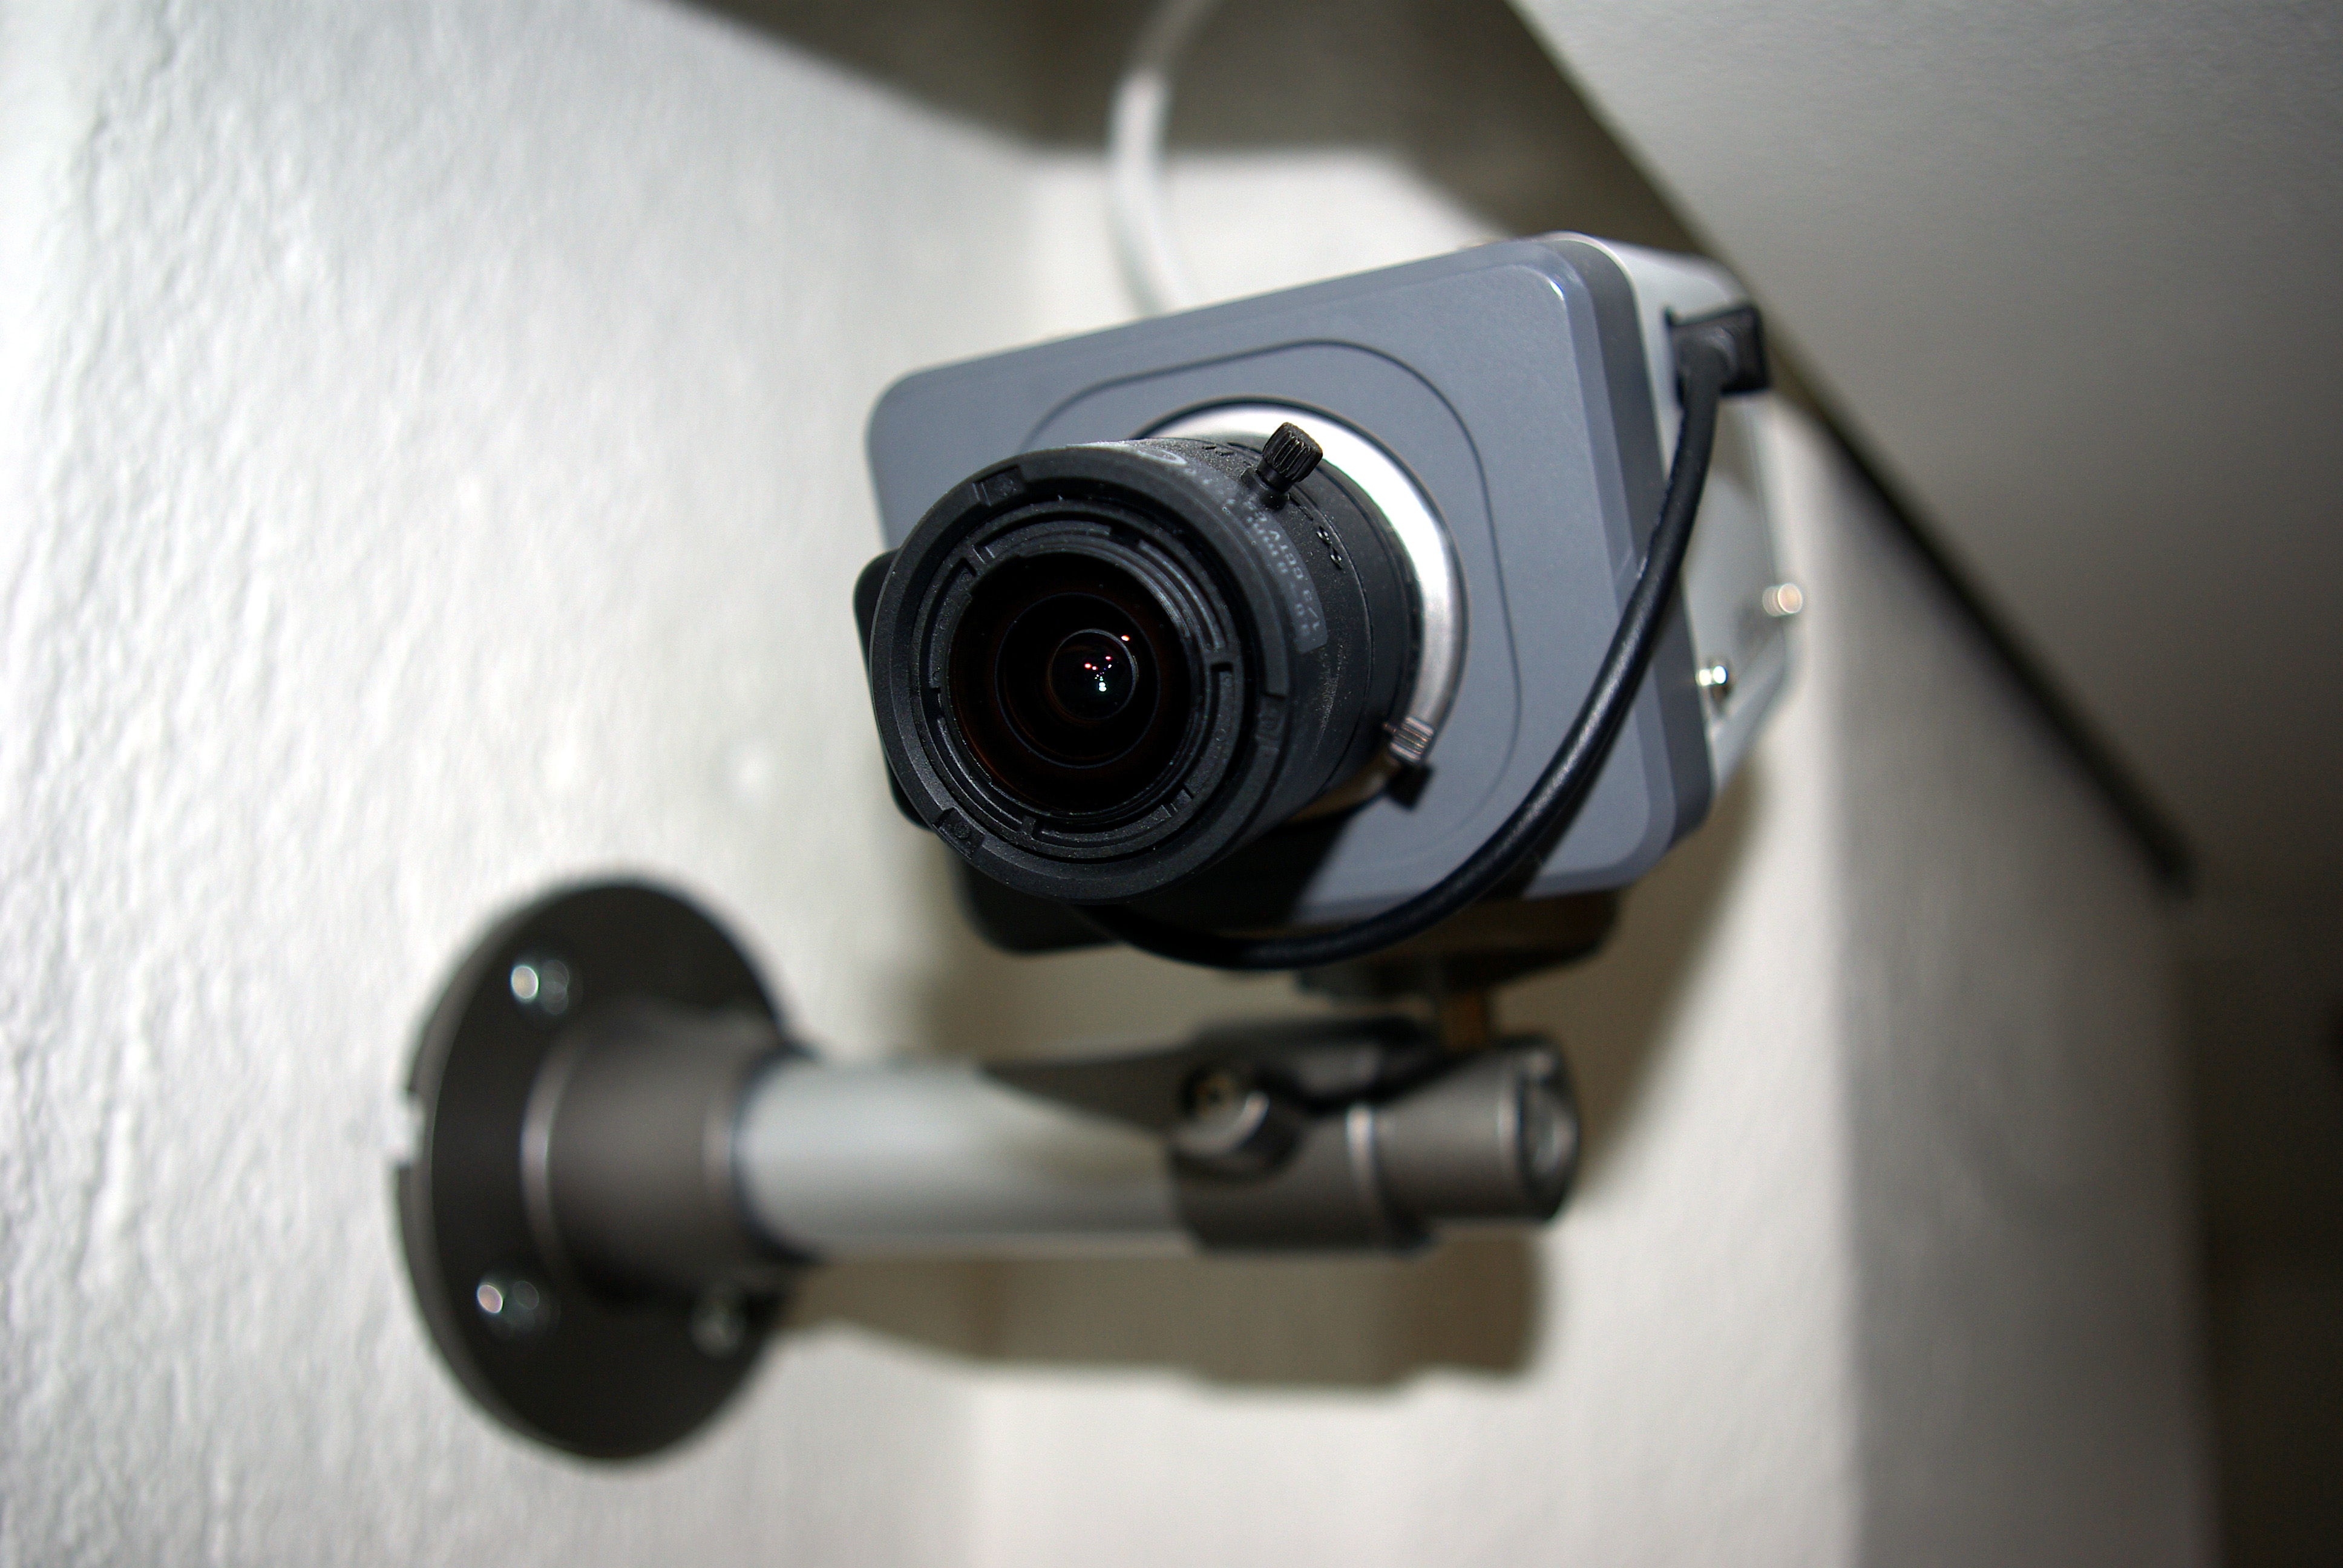 Rekordmanga vill overvaka med kamera